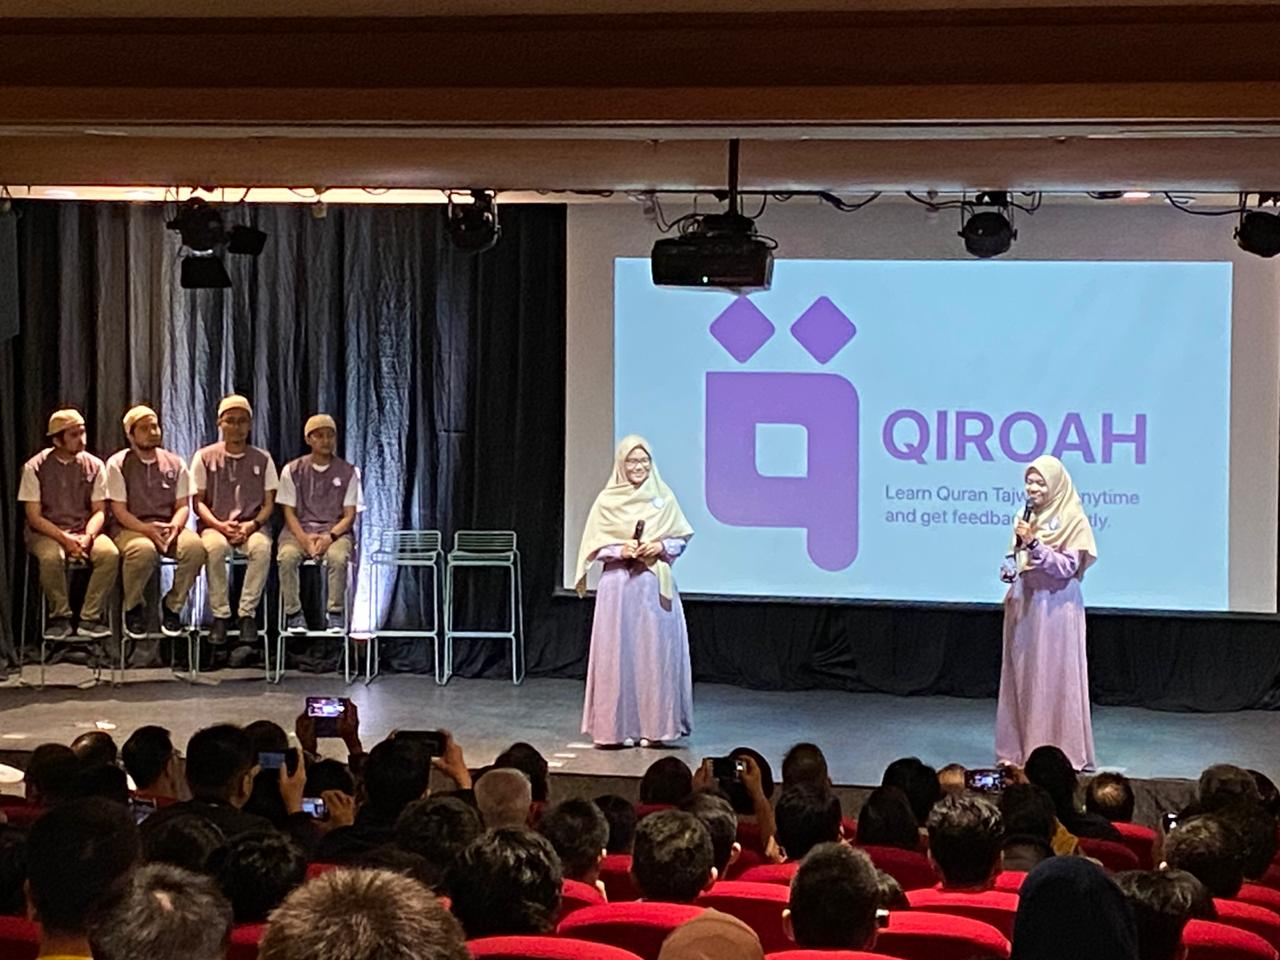 Ratusan Talenta Muda Digital Lulus dari Apple Developer Academy di BSD City Salah satu Lulusannya Membuat Aplikasi Qiroah